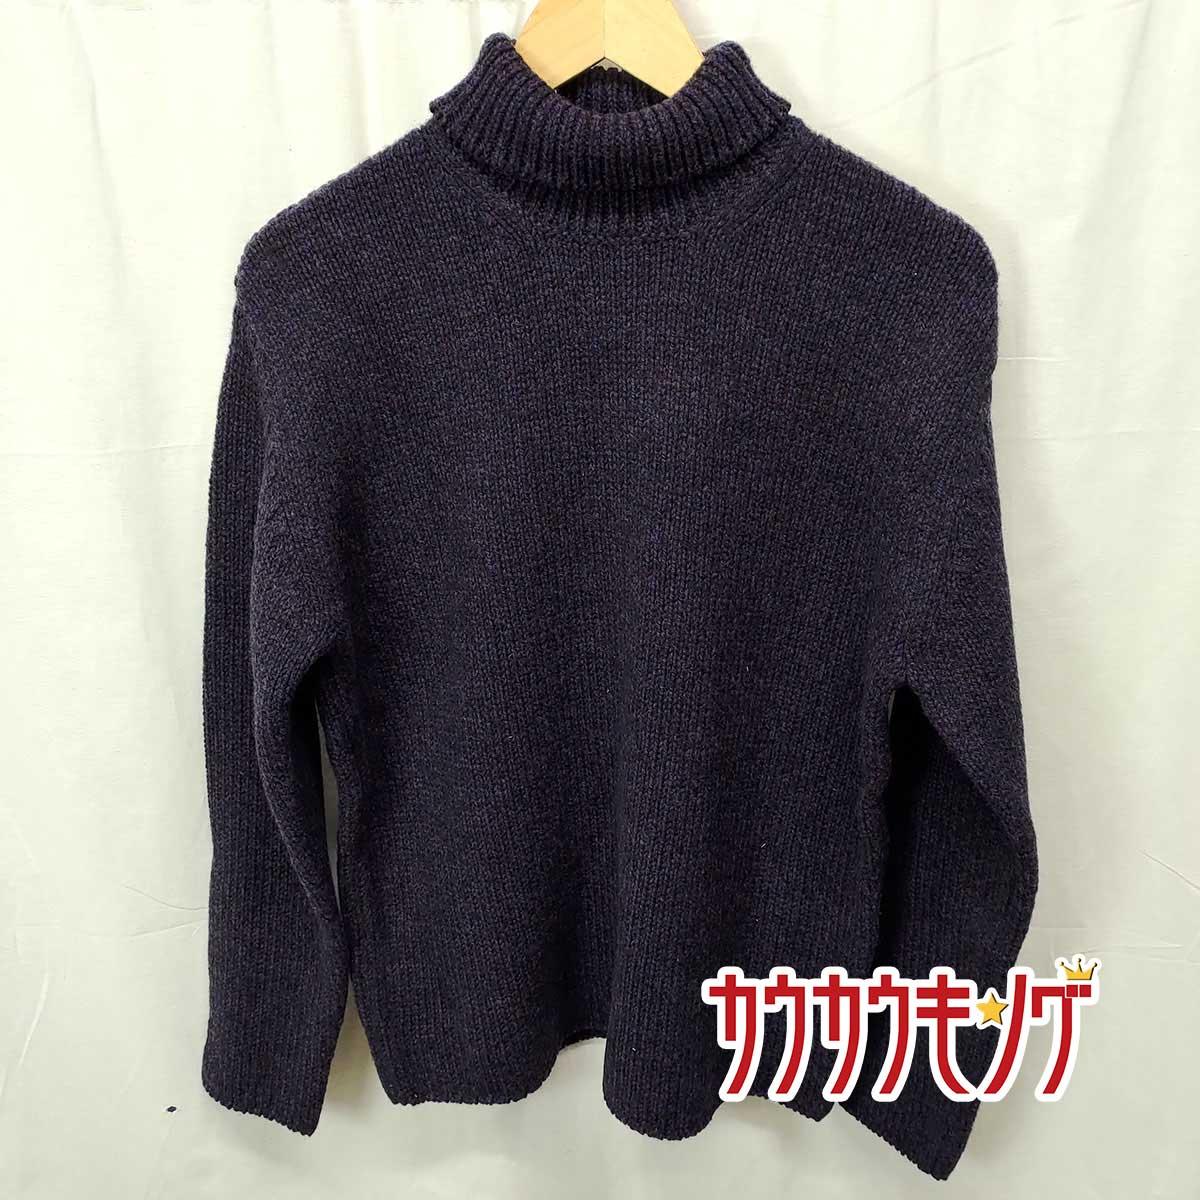 ニット・セーター, セーター () AURALEE CAMEL WOOL MIX KNIT TURTLE NECK PO 1 MIX BLACK